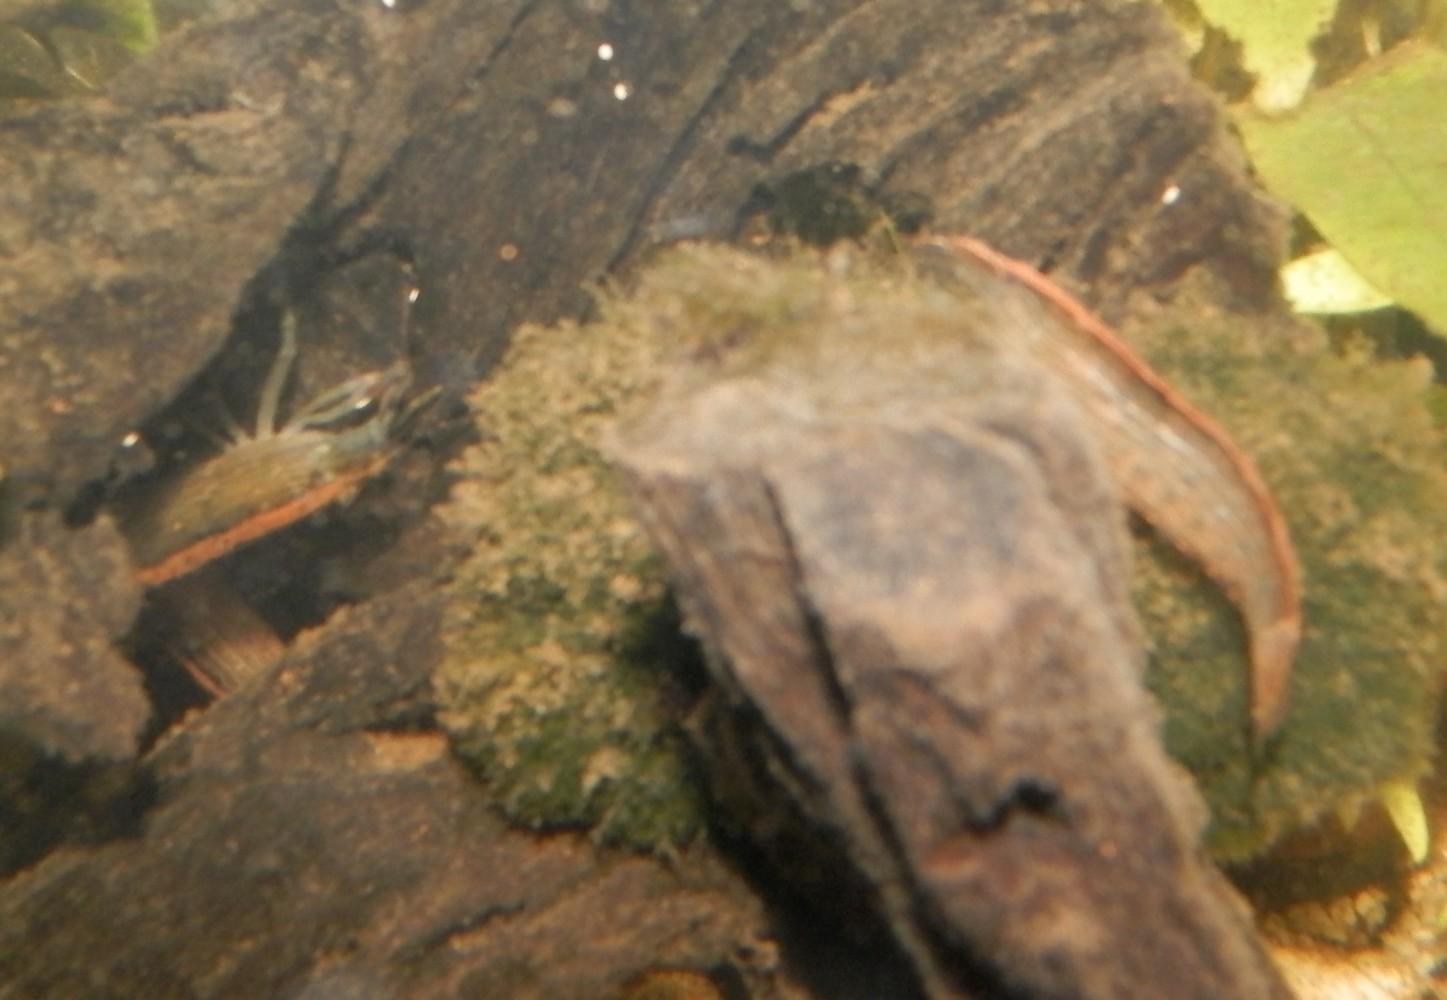 [Présentation] Tous les trous mènent aux crevettes Bambou 1140088313